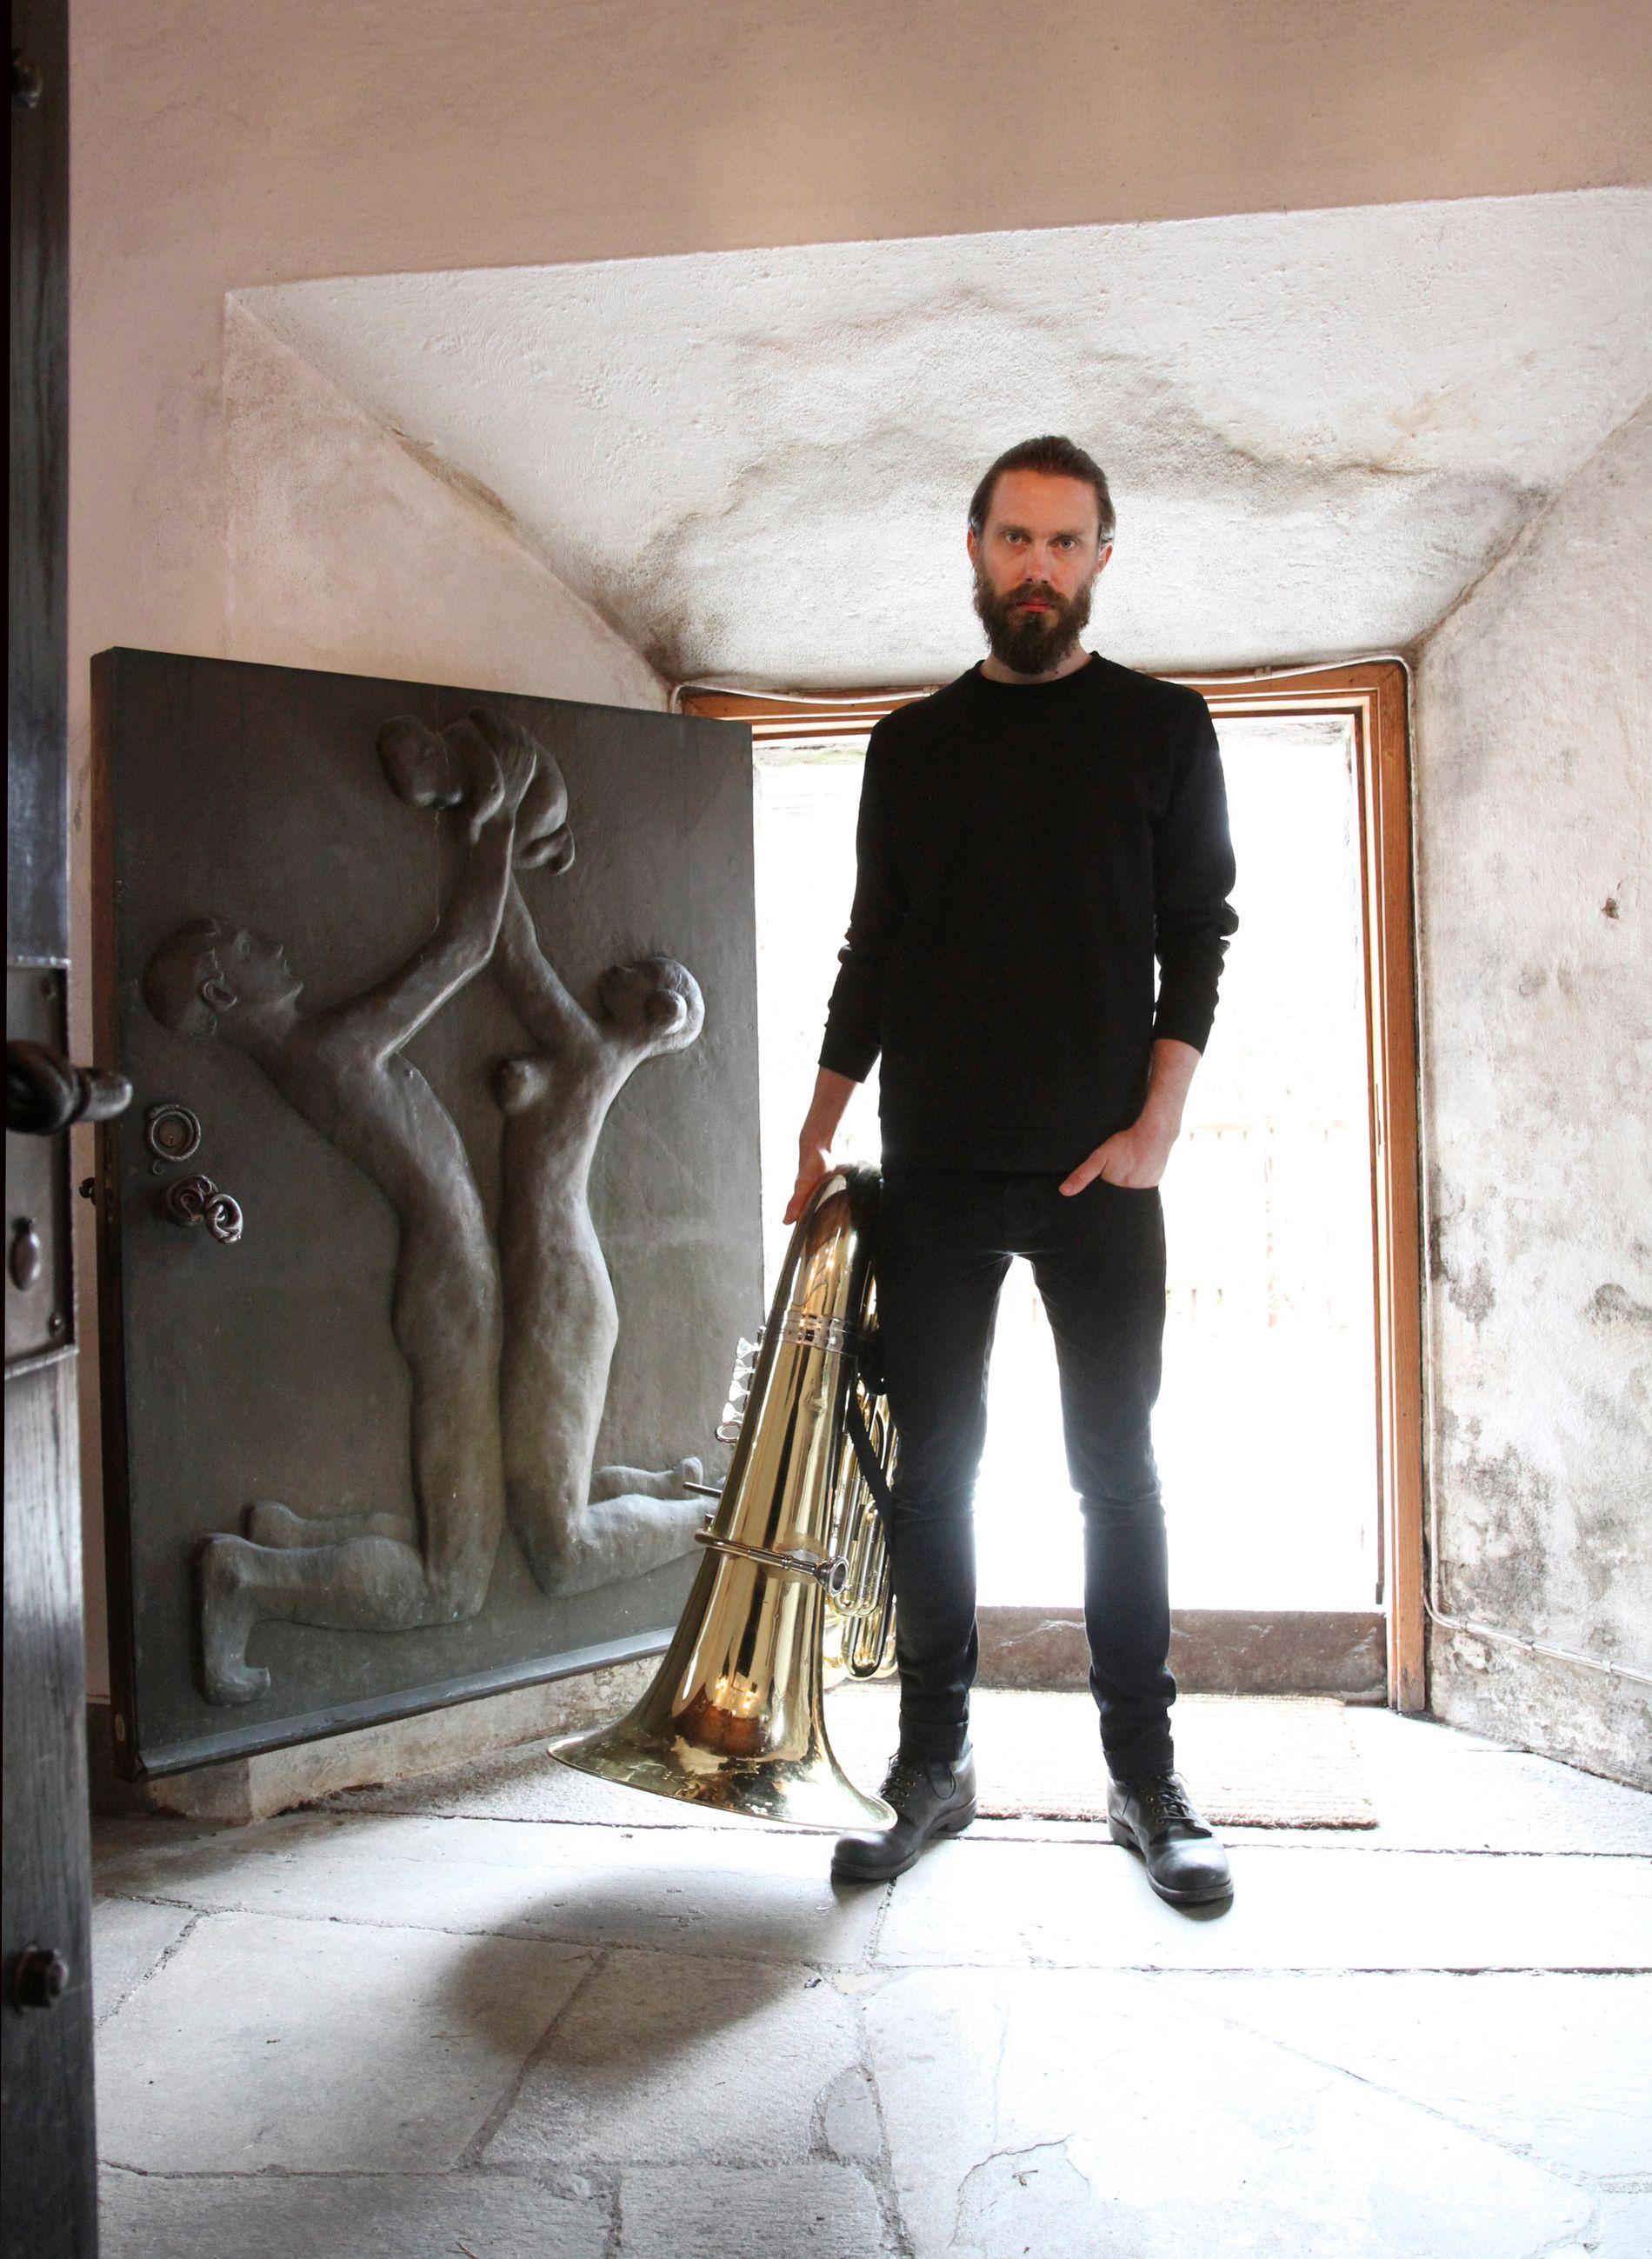 ALLSIDIG: Kristoffer Lo er en ettertraktet musiker i både pop- og jazzkretser. Her med tuba. Foto: NTB SCANPIX